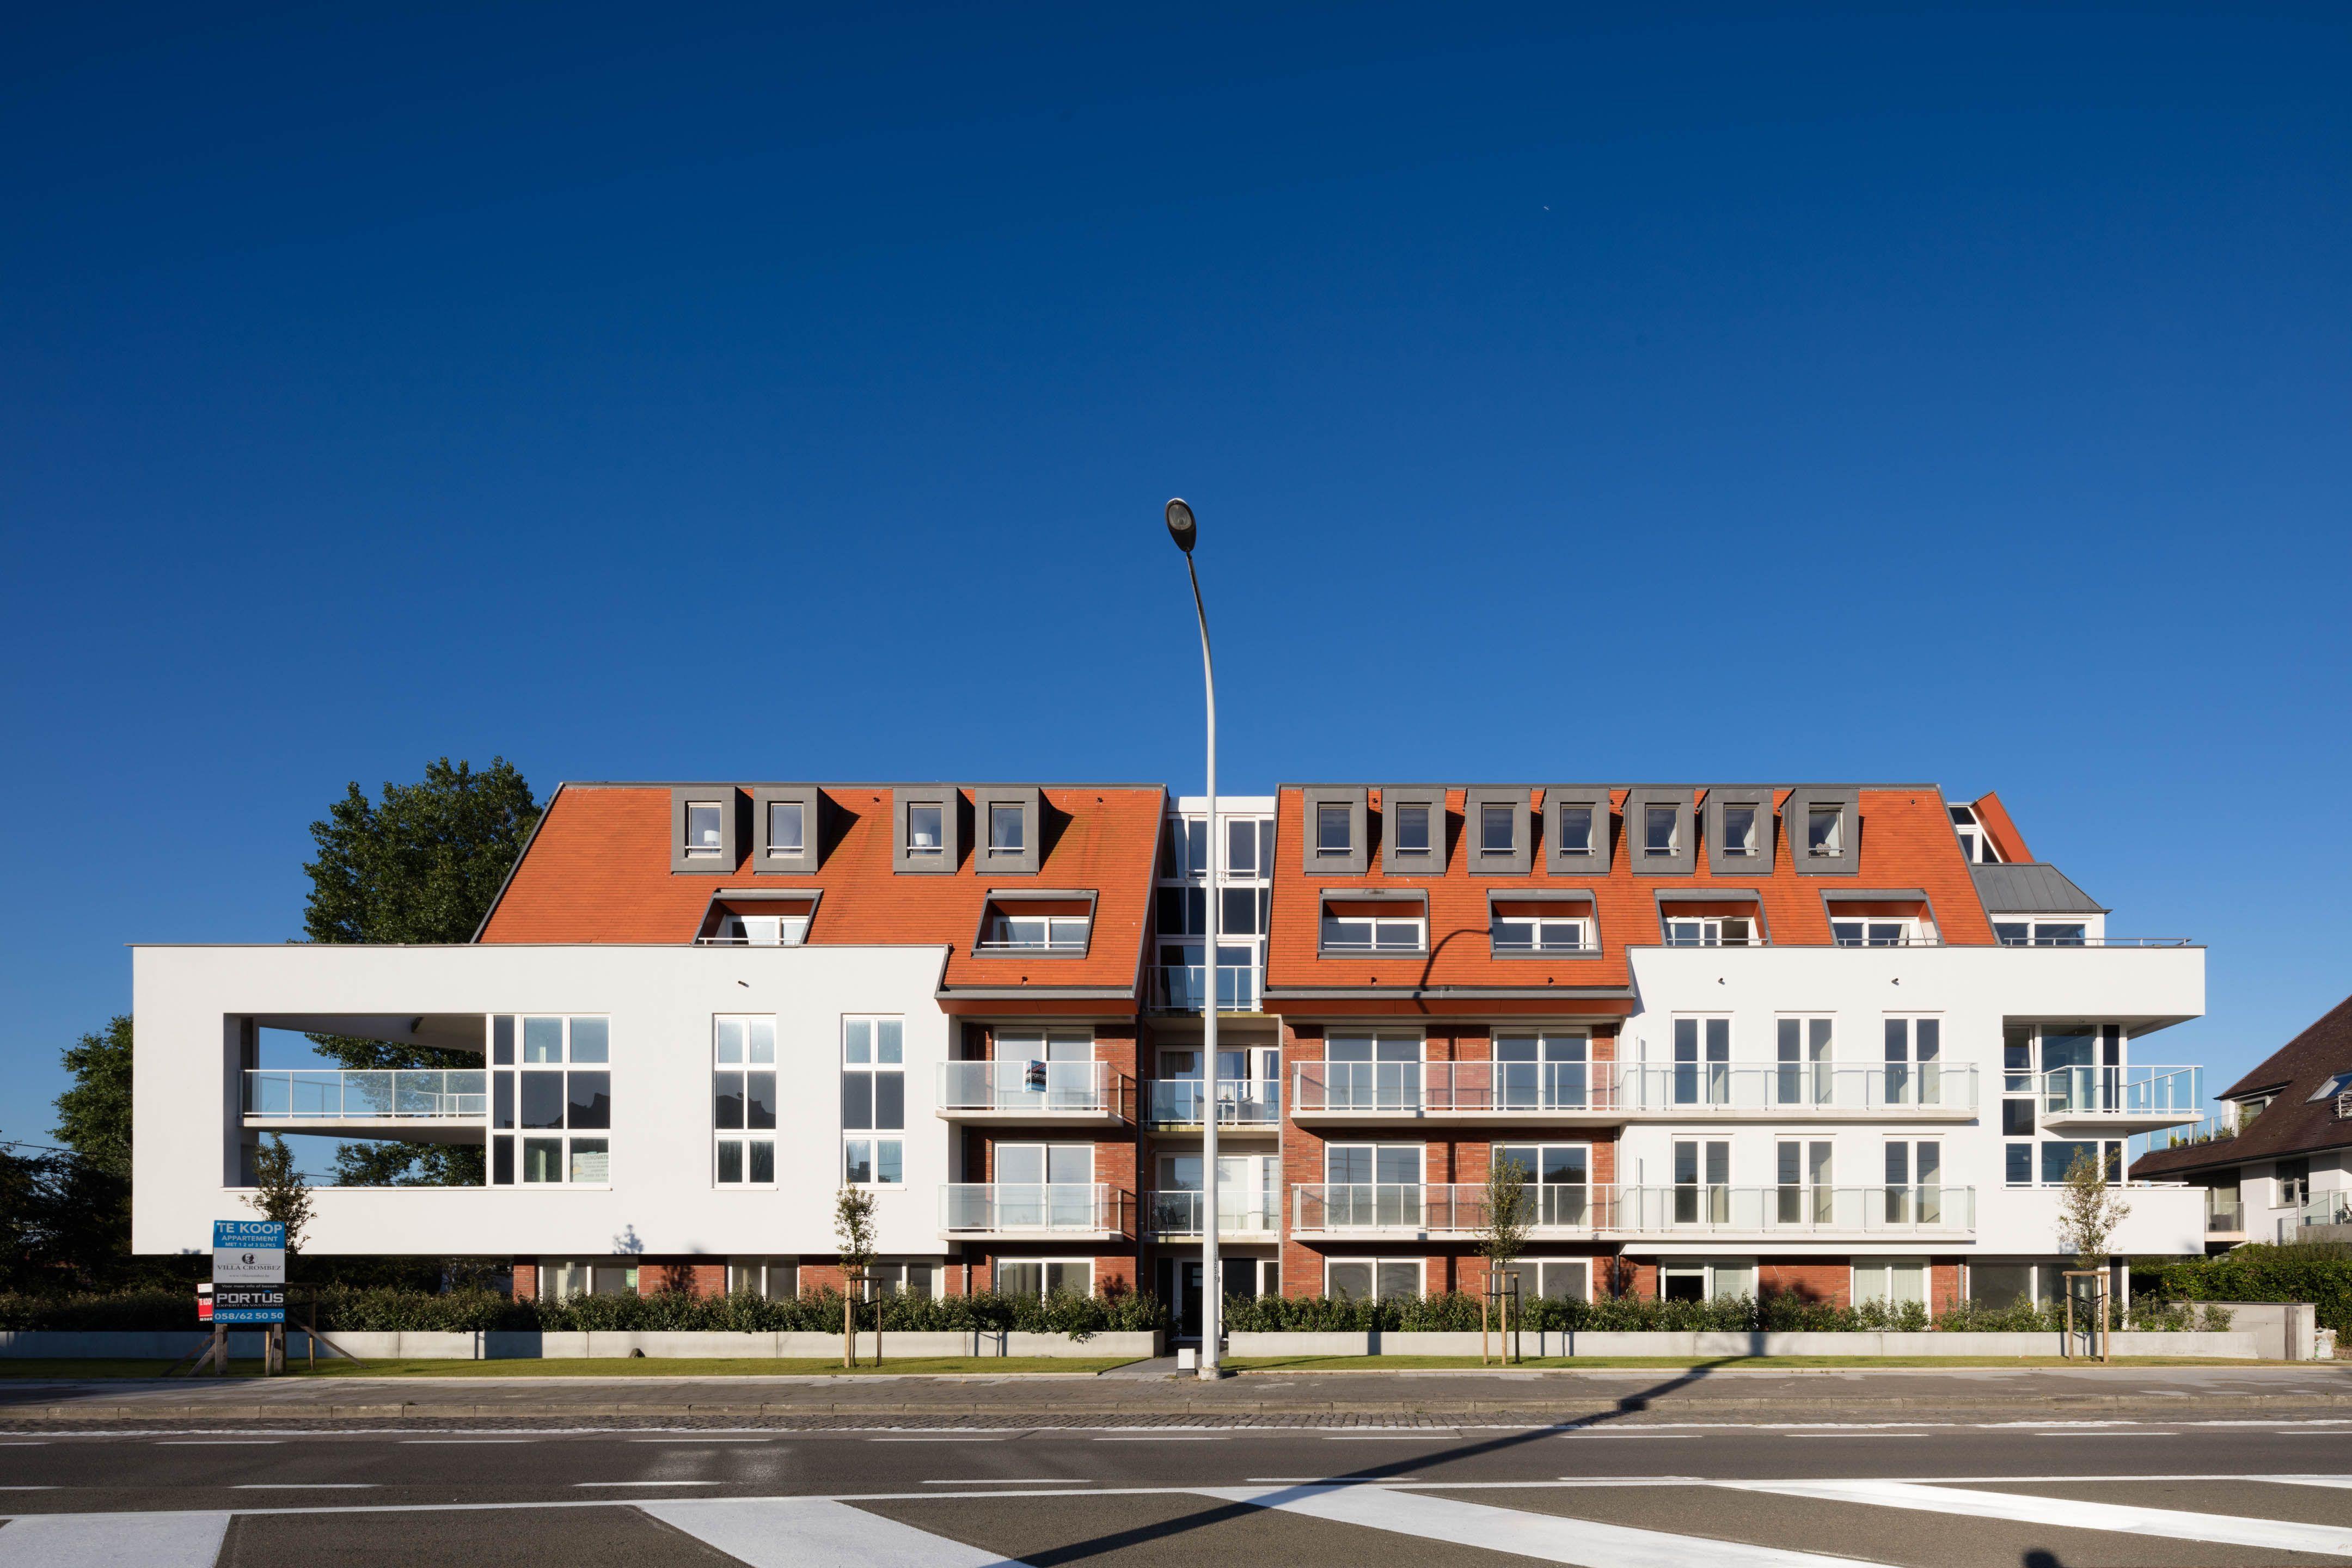 Appartement Residentie Villa Crombez Nieuwpoort - 3562